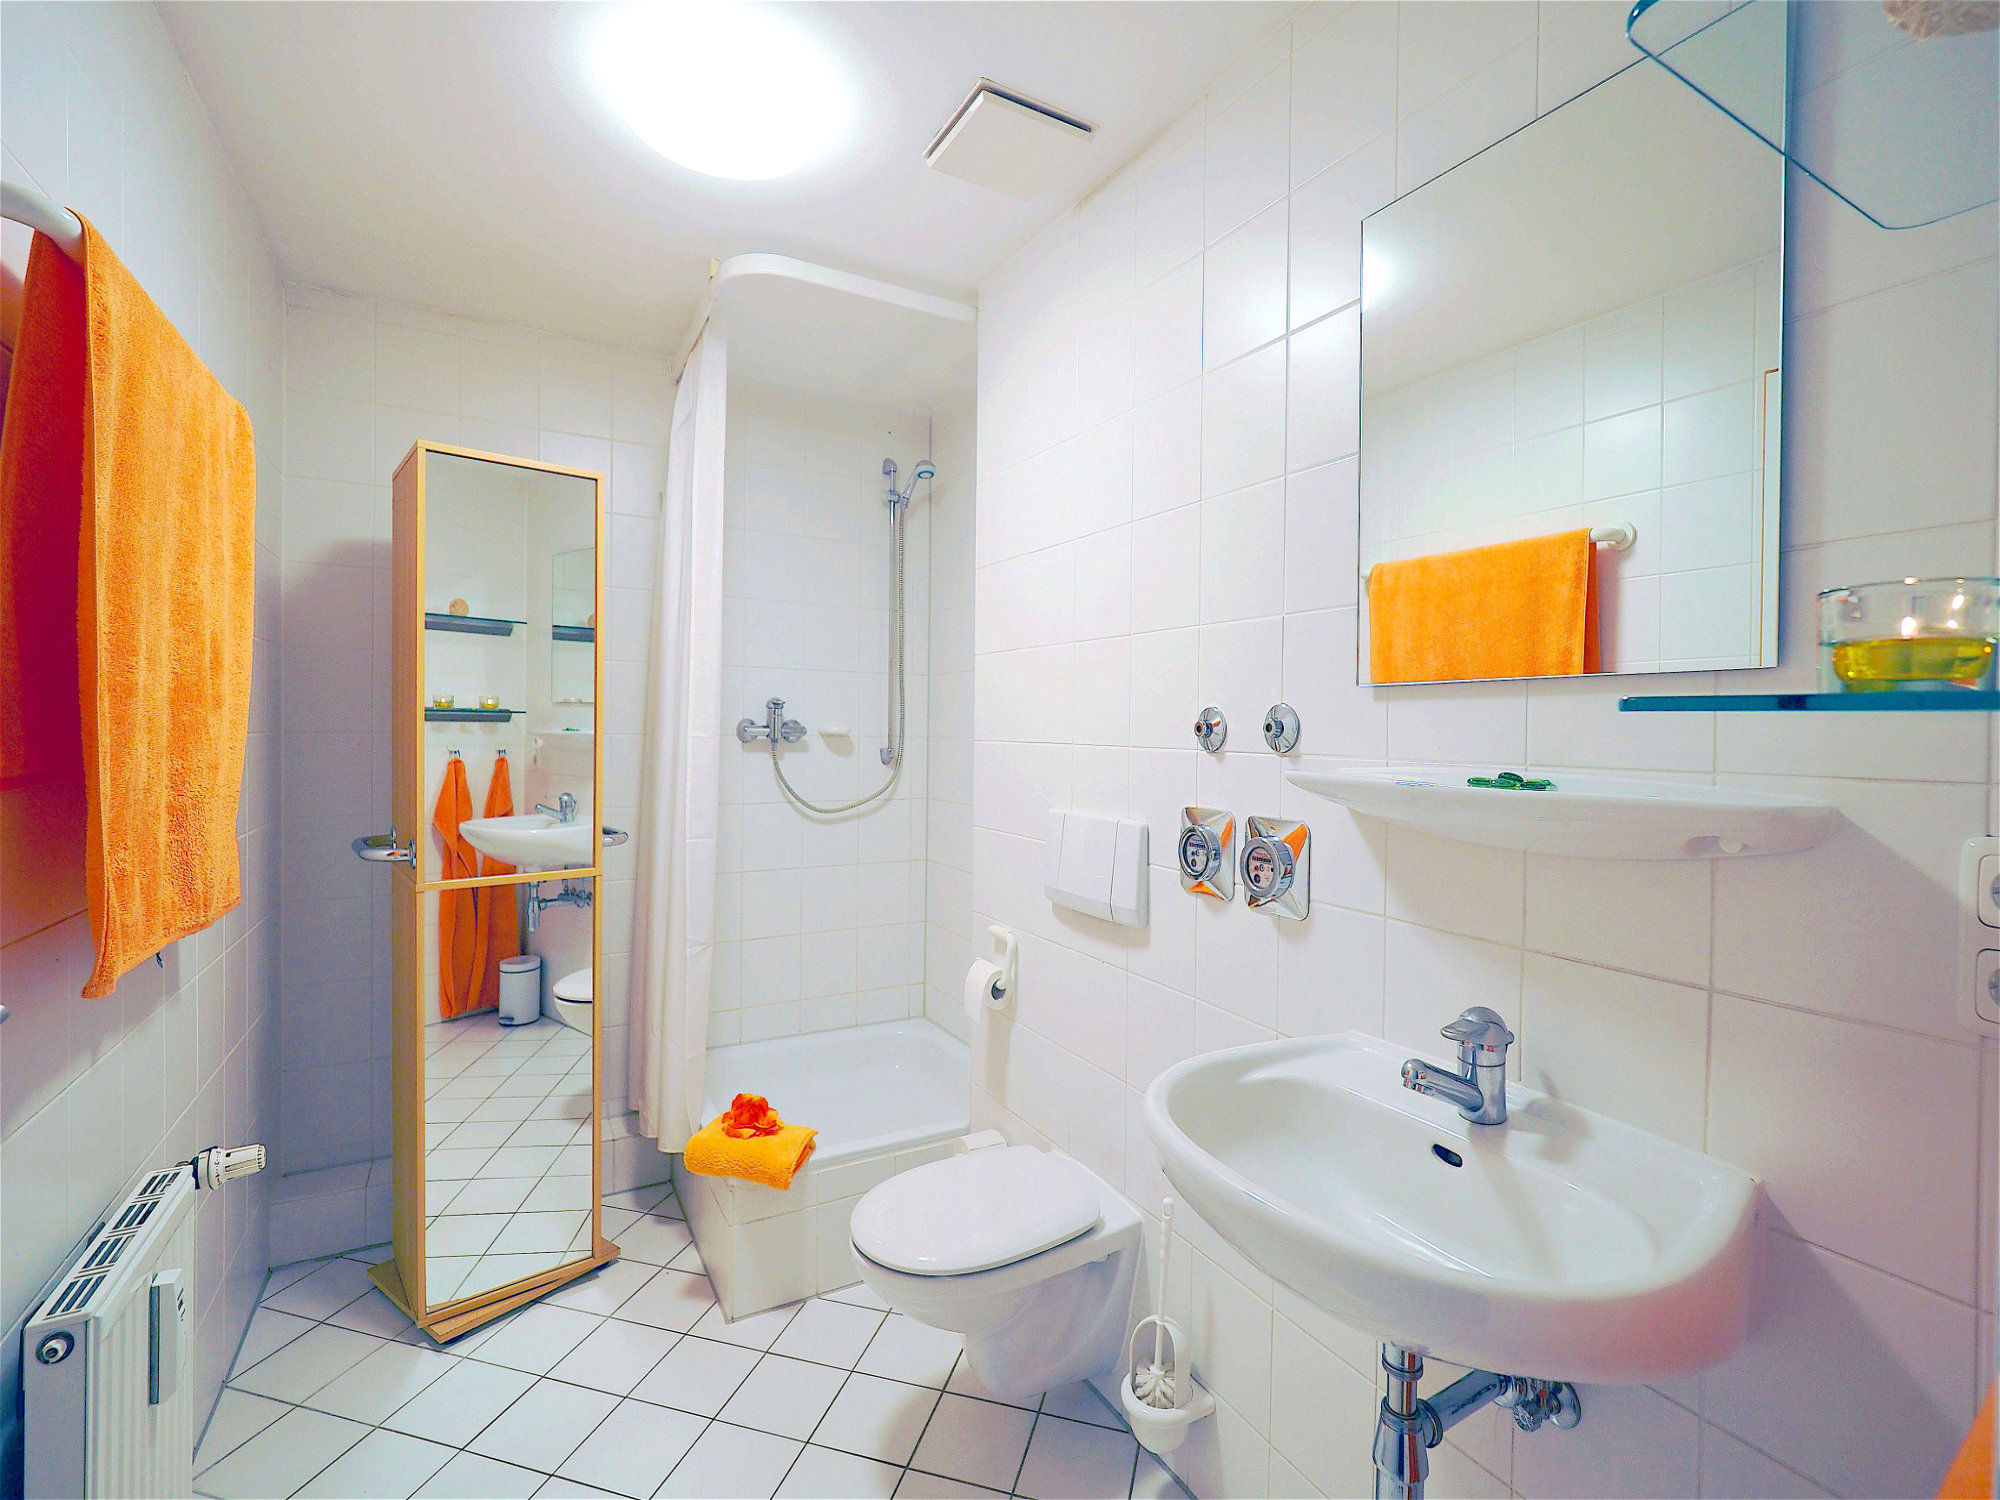 Duschbad mit mit Dusche, rechts davon ein Waschbecken mit Spiegel, auf der linken Seite ein Hochschrank mit Spiegelfront